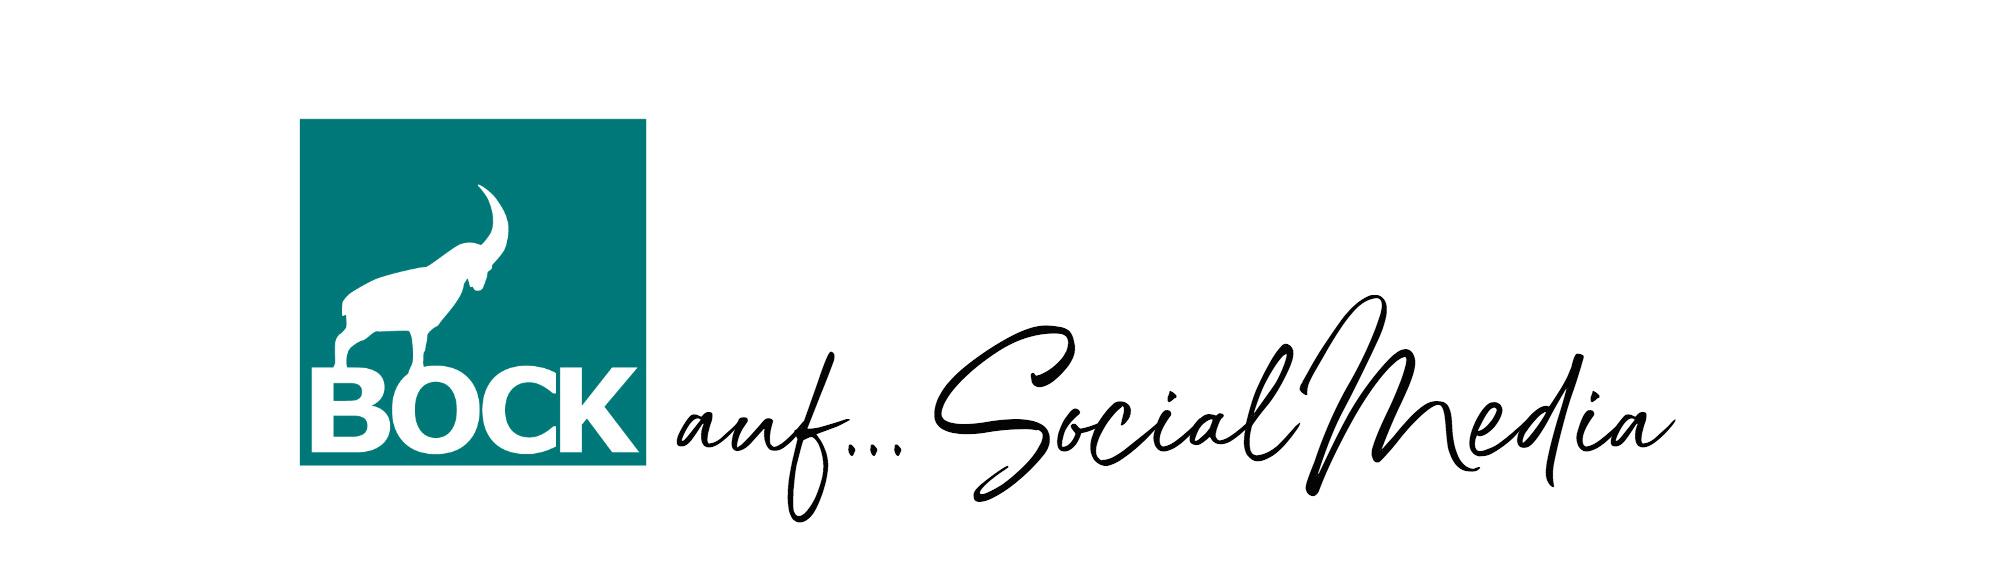 bock_auf_social_media.jpg